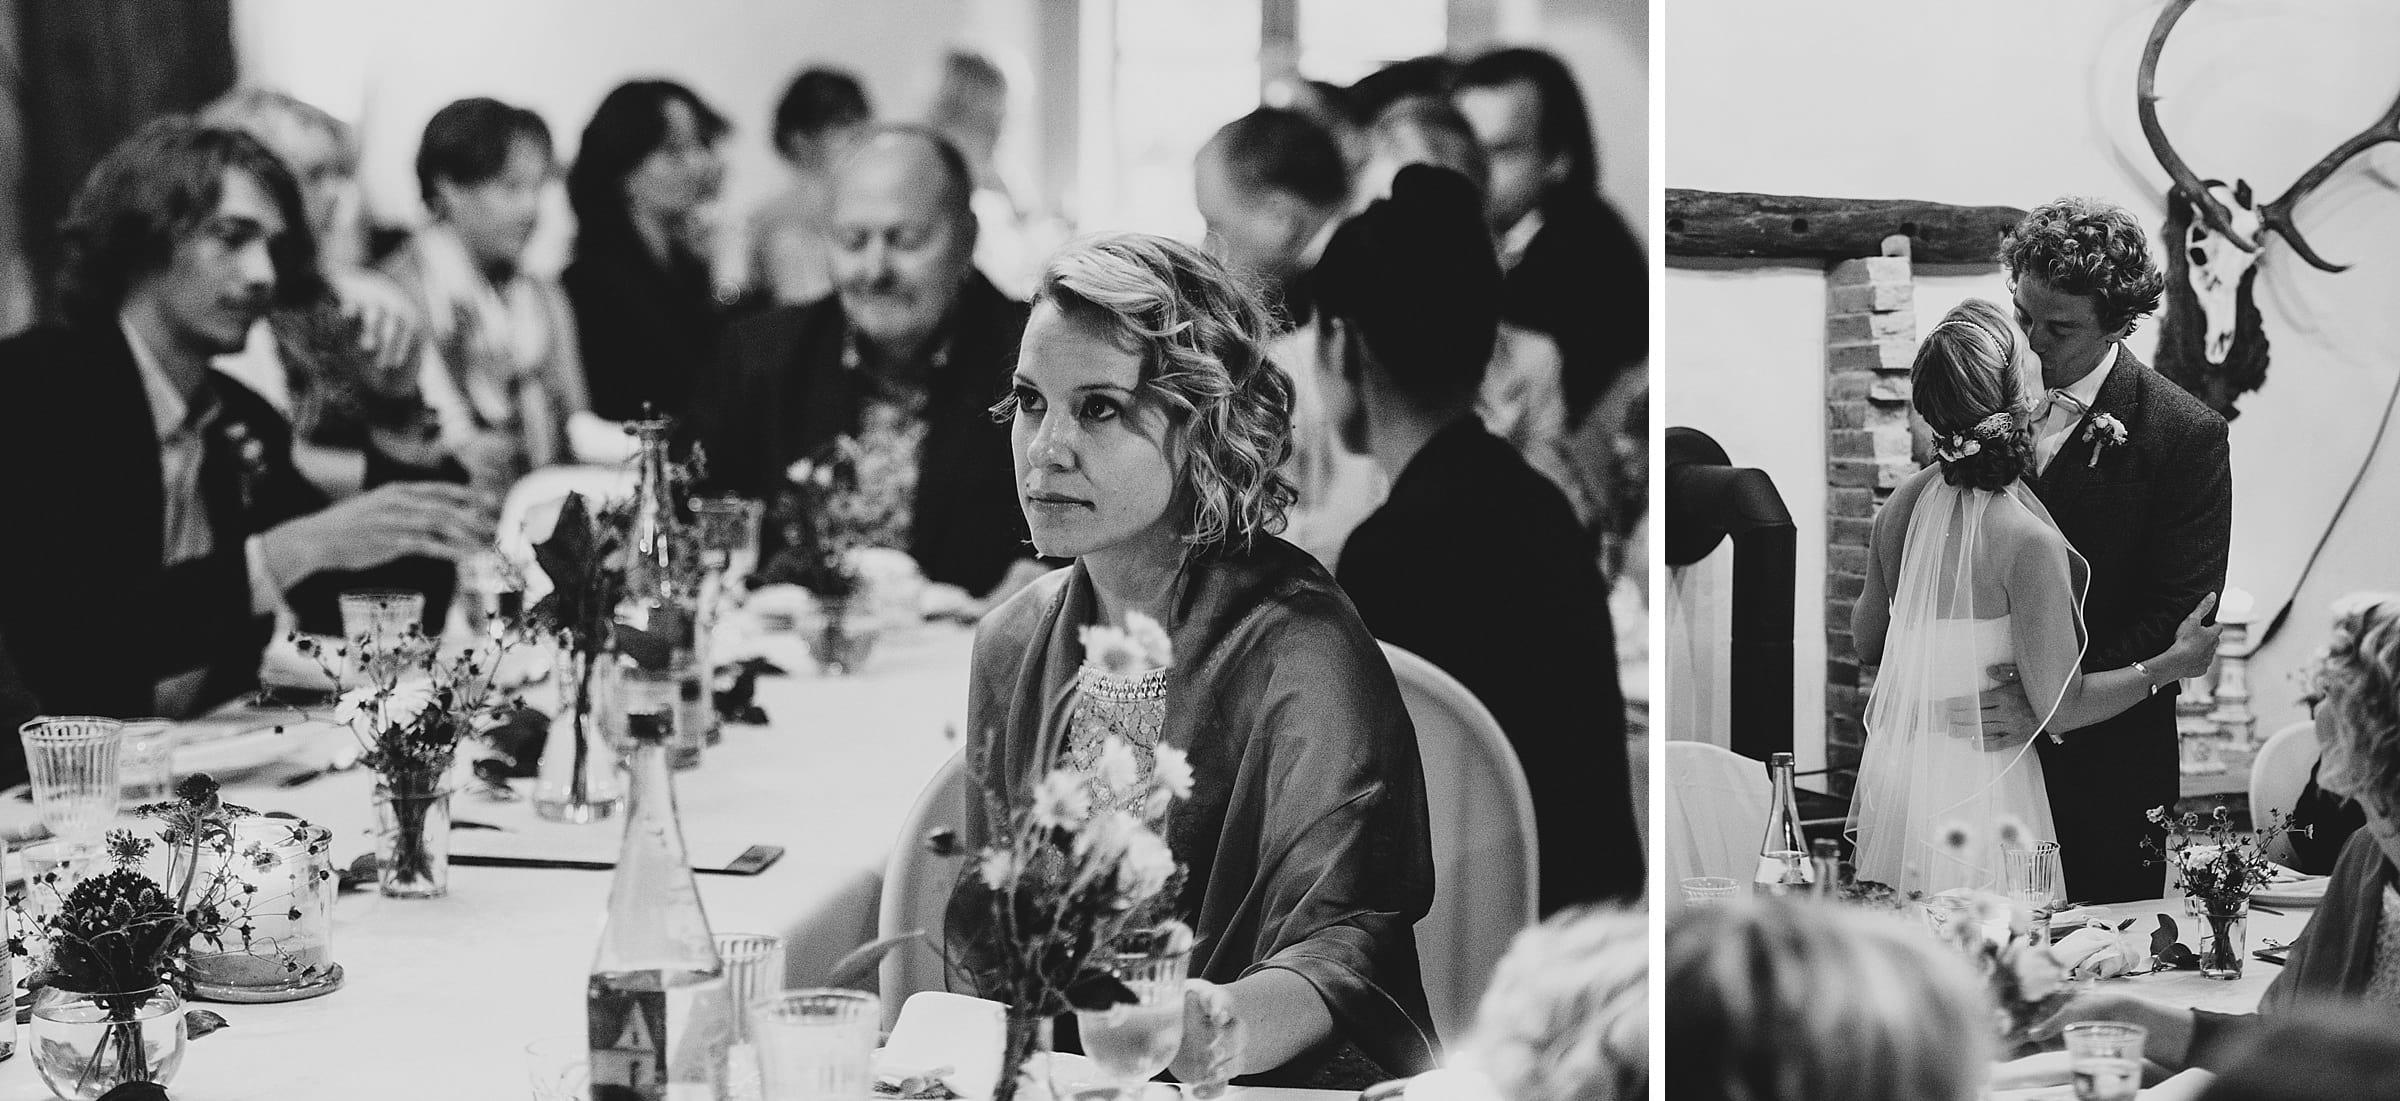 Hochzeitsfotografie-Frau-Siemers-Hof Weihe- Portrait von einem Gast